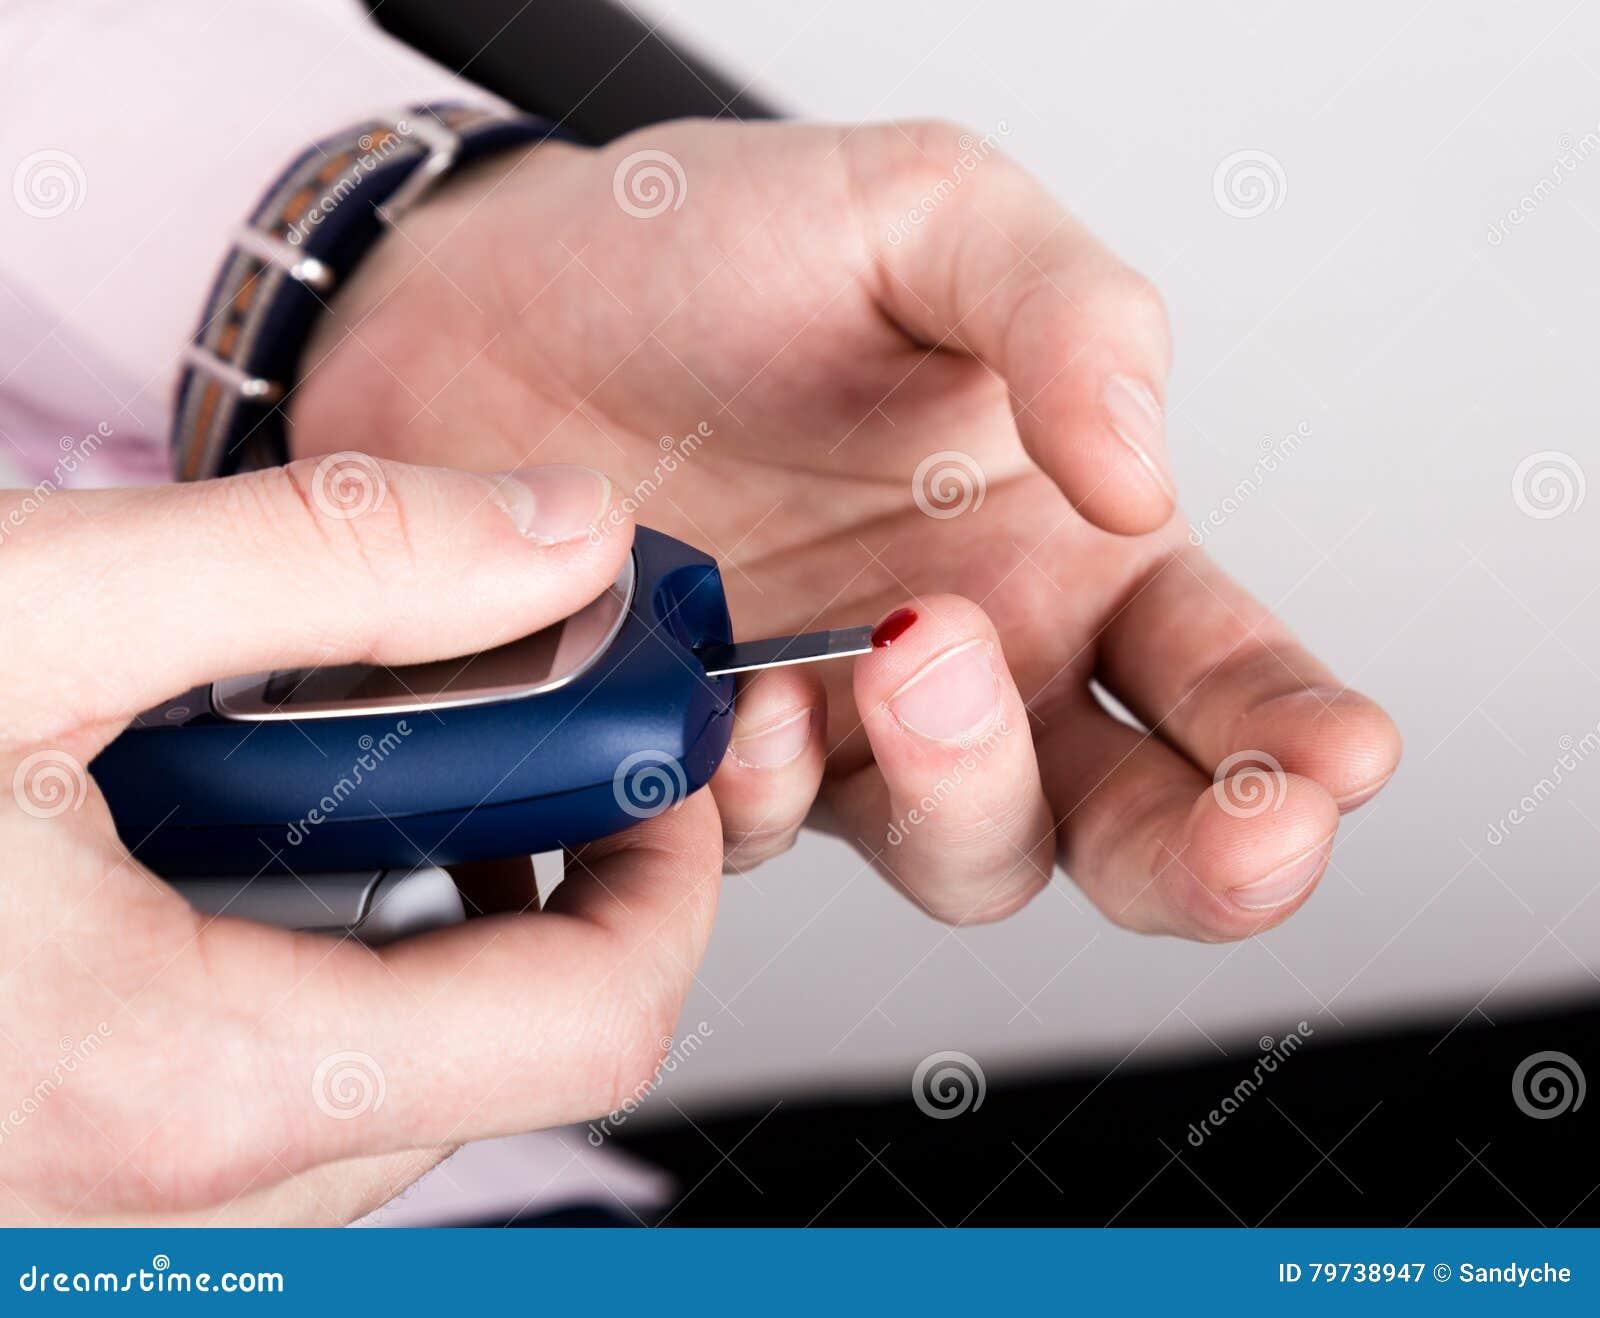 Análisis de sangre llano de medición de la glucosa usando glucometer ultra mini y la pequeña gota de la sangre de tiras del finge